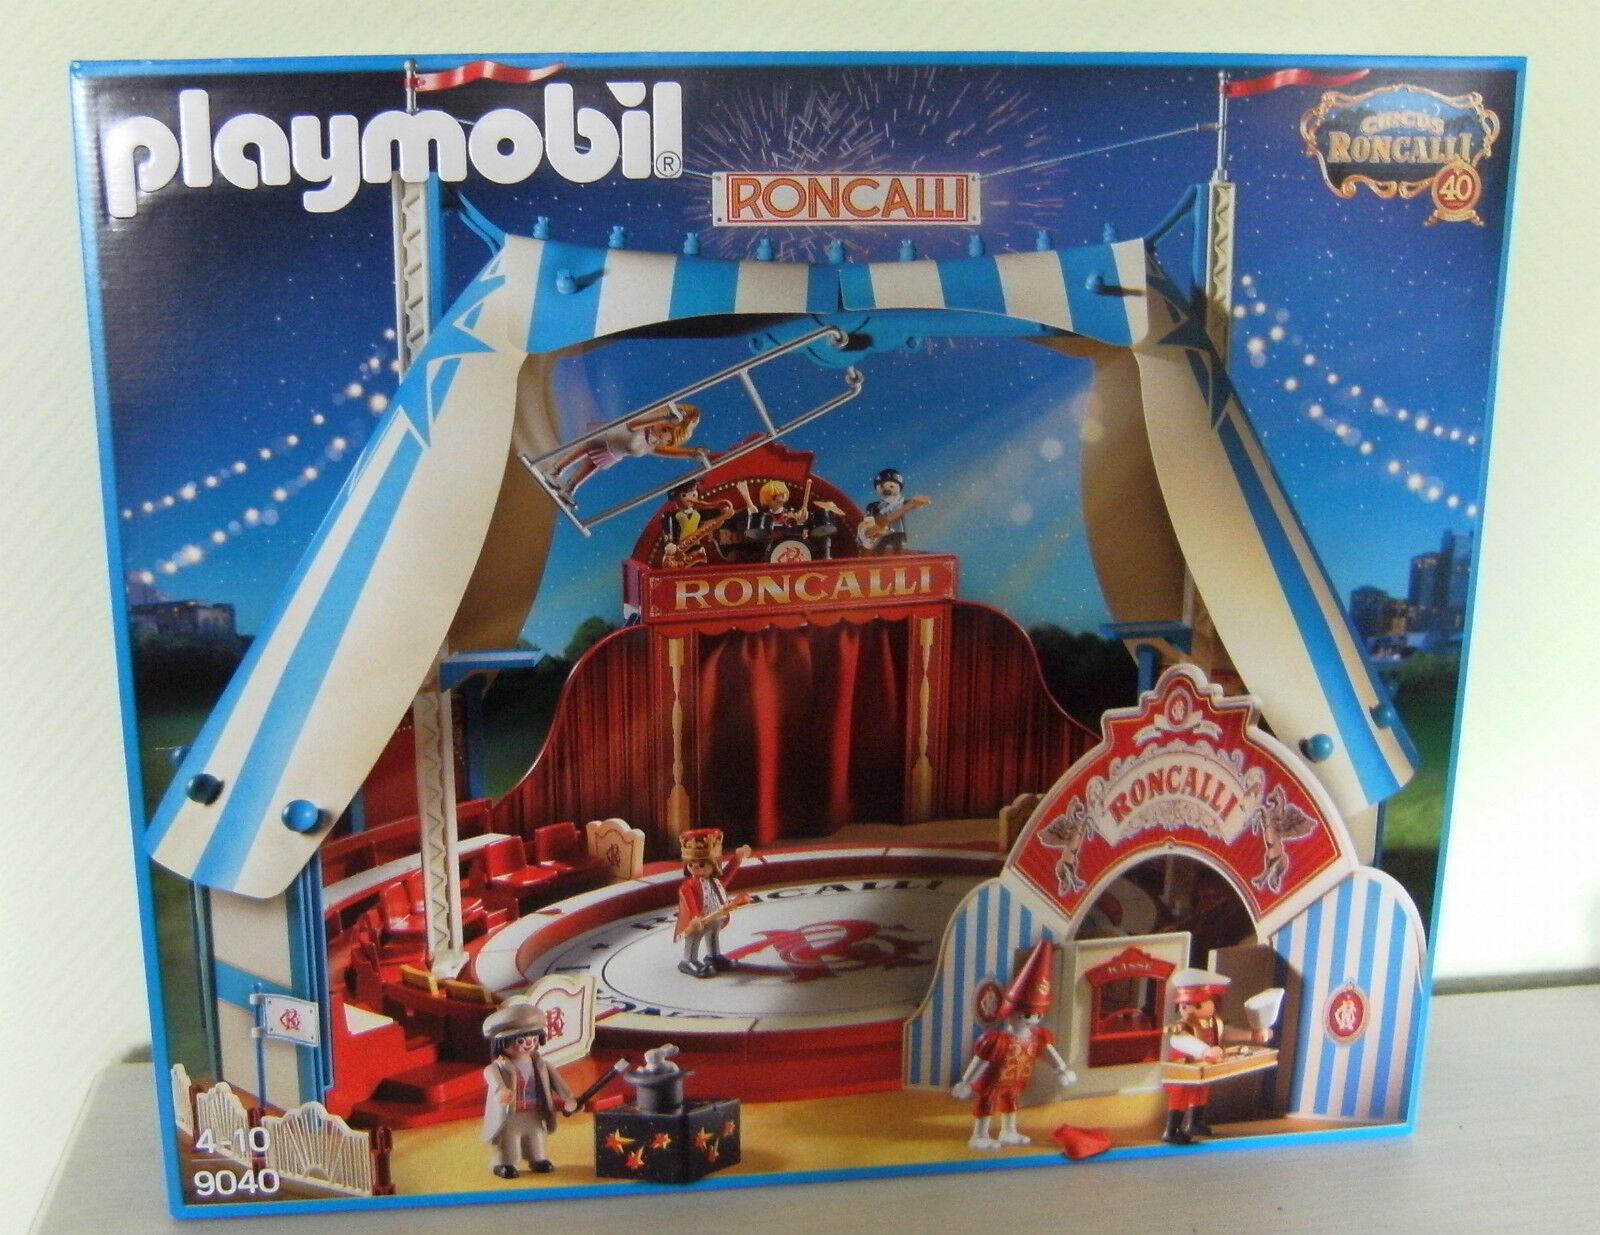 Playmobil Roncalli-Circus 9040 Neu & OVP Roncalli Zirkus Manege Circus